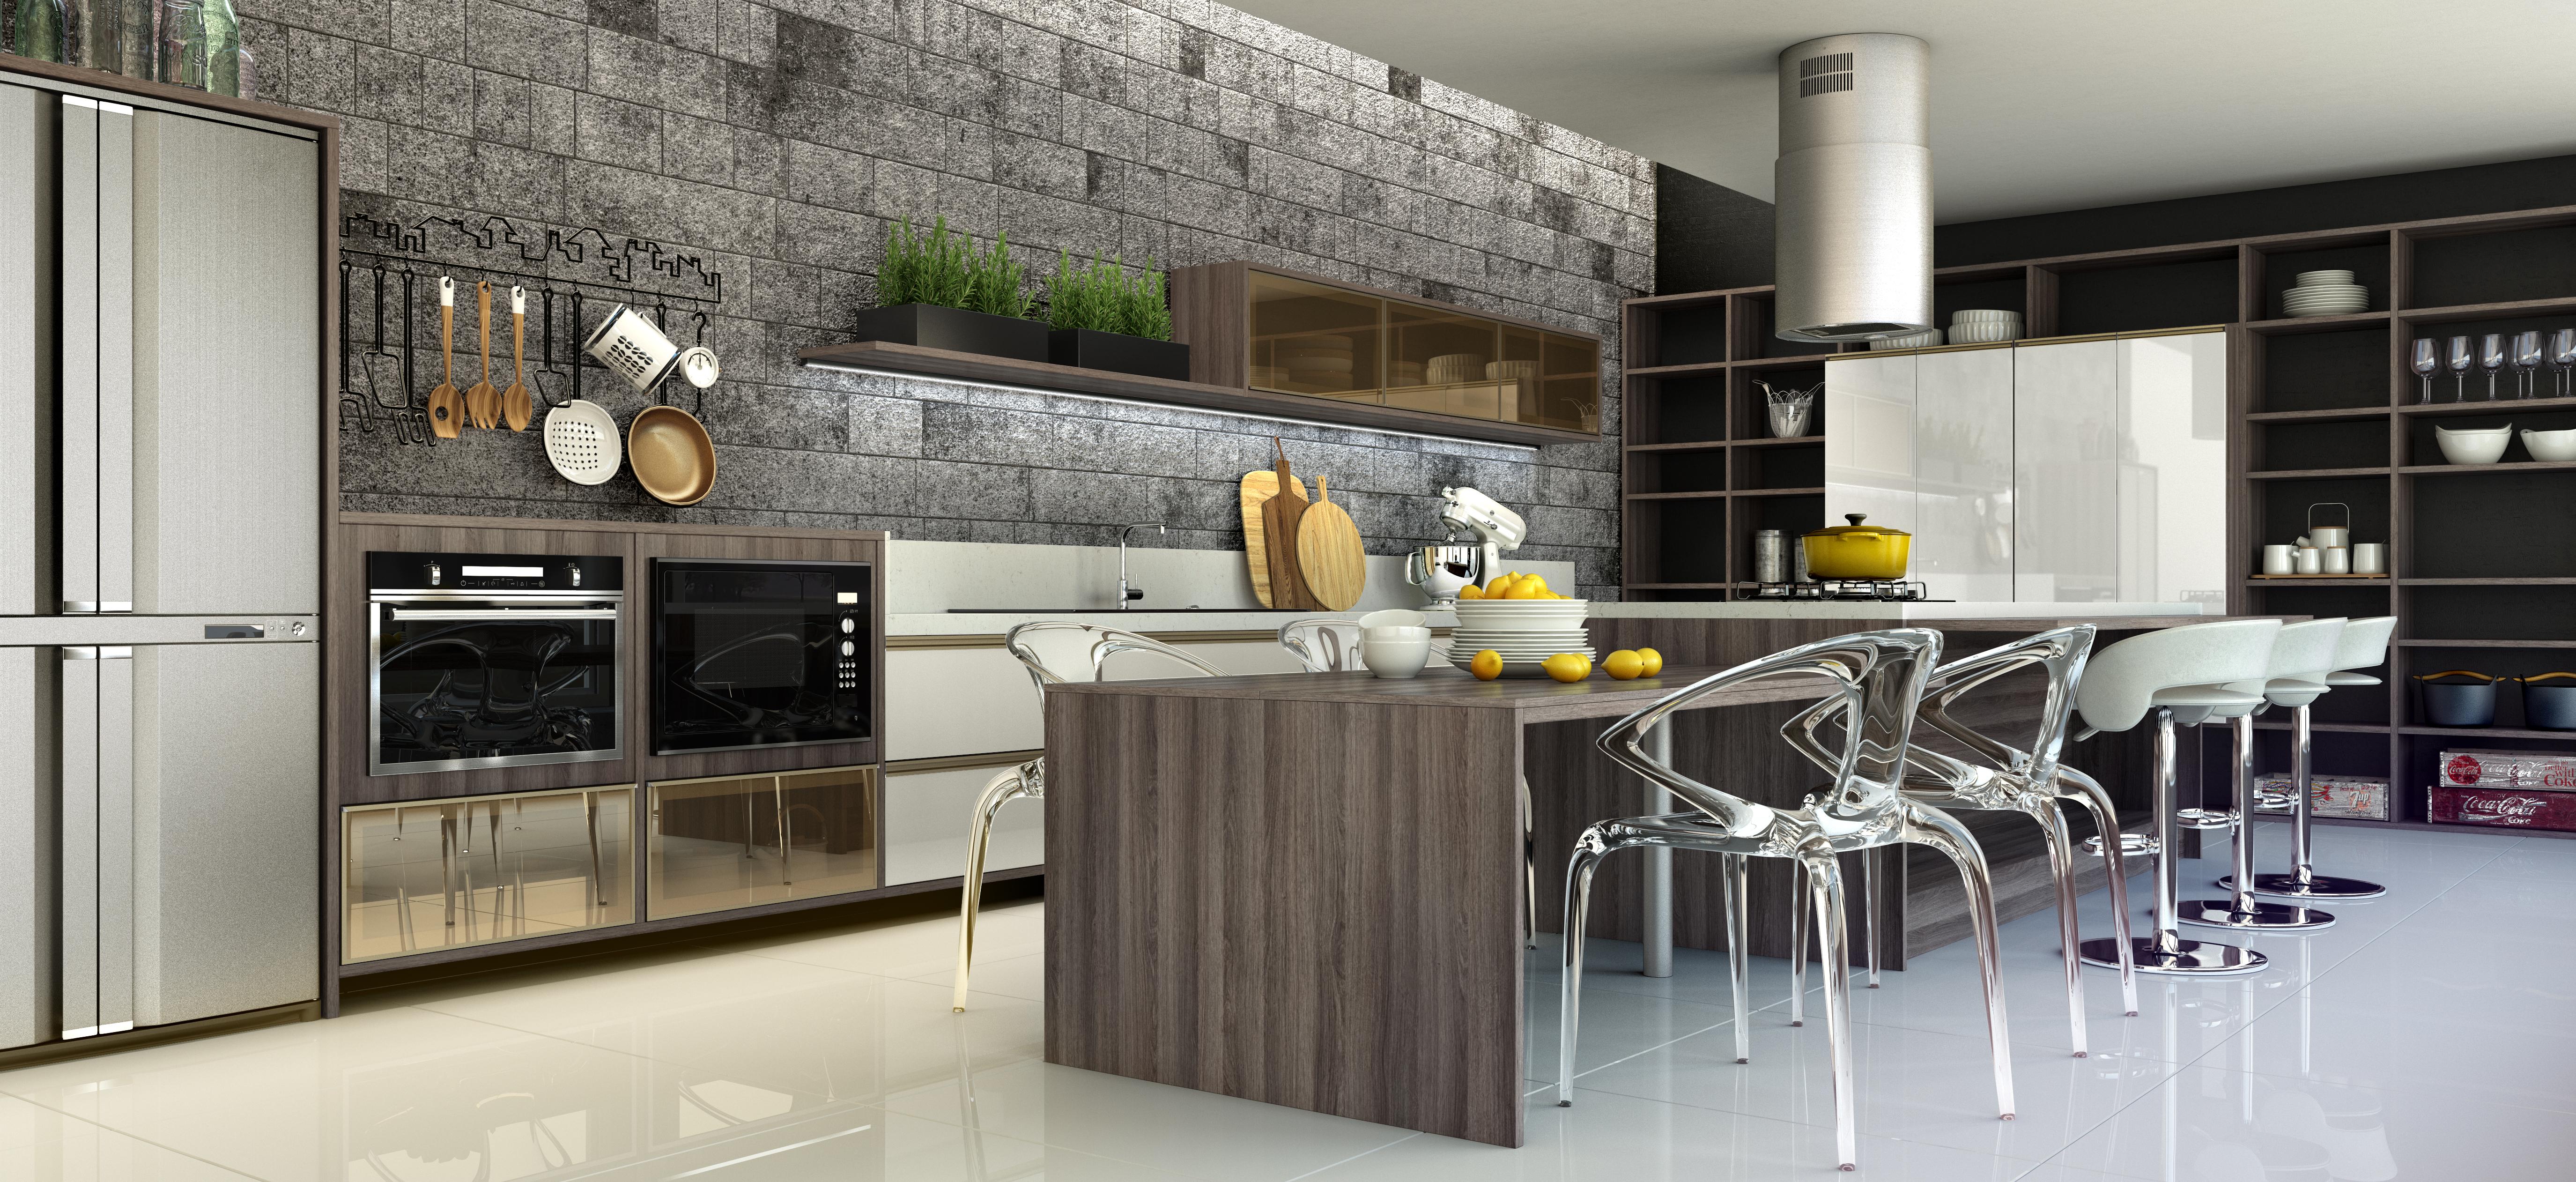 Cozinha Beregac com Iluminatta